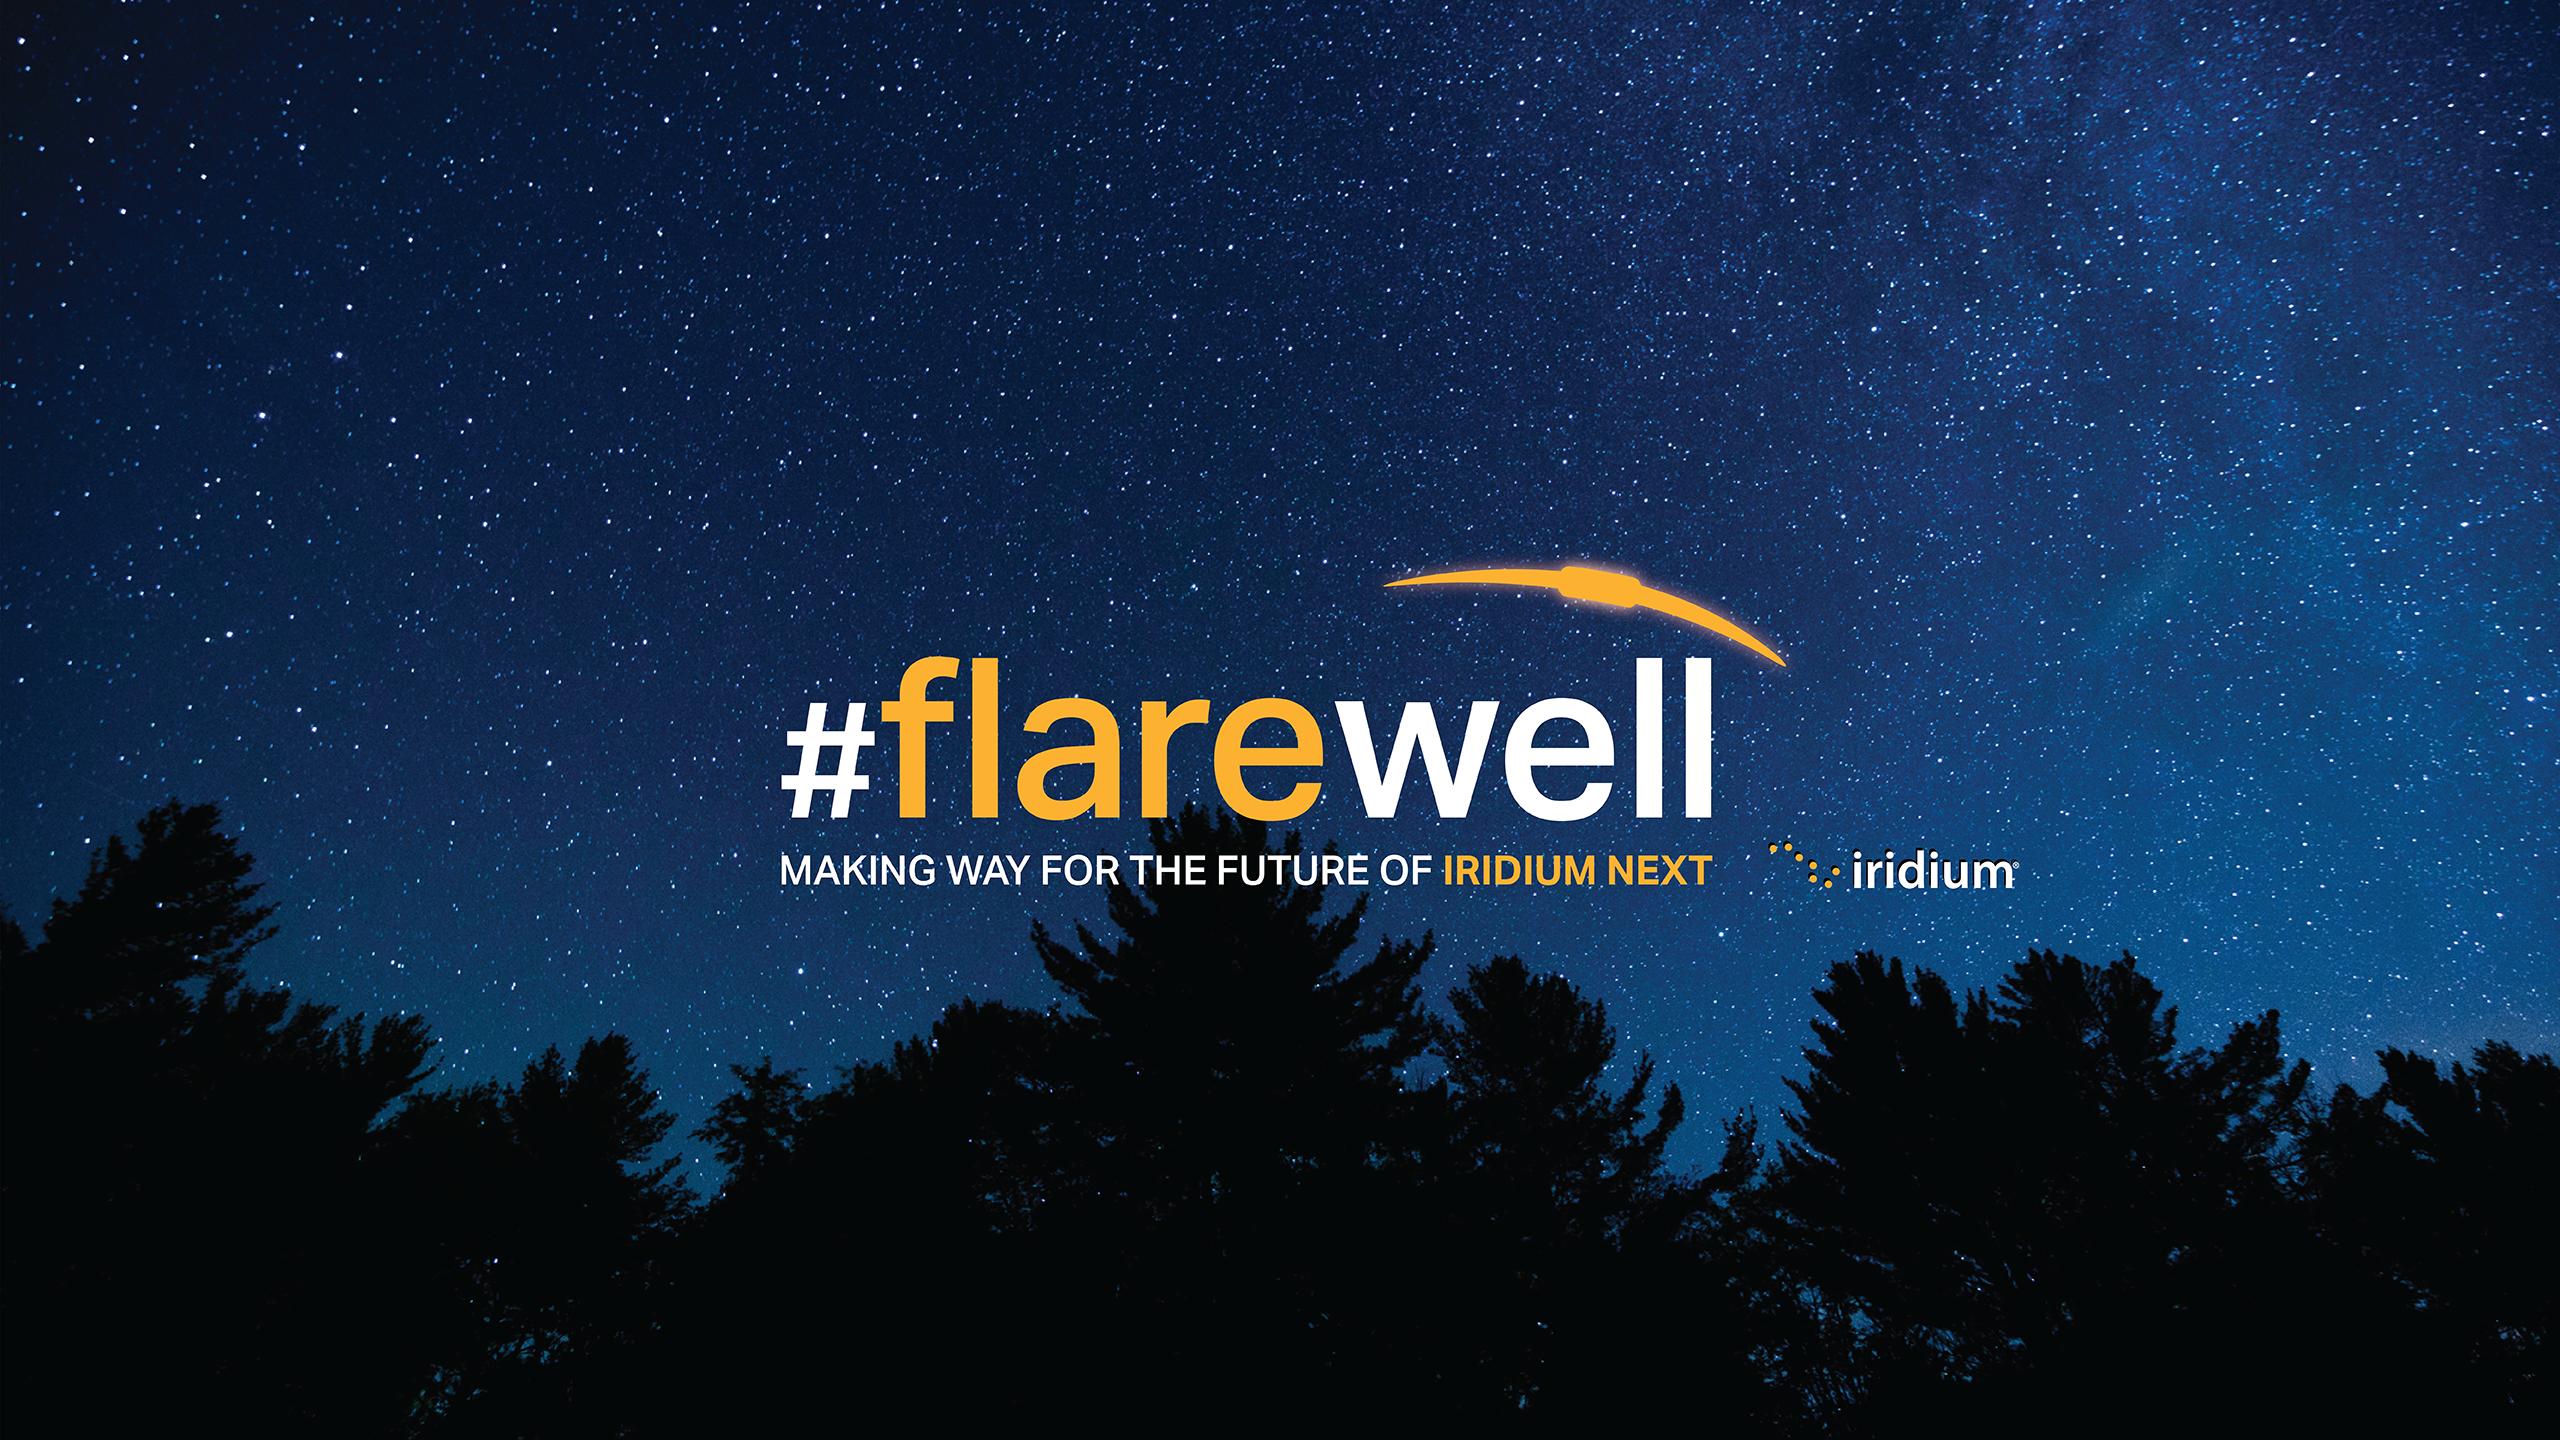 Iridium Flares #flarewell